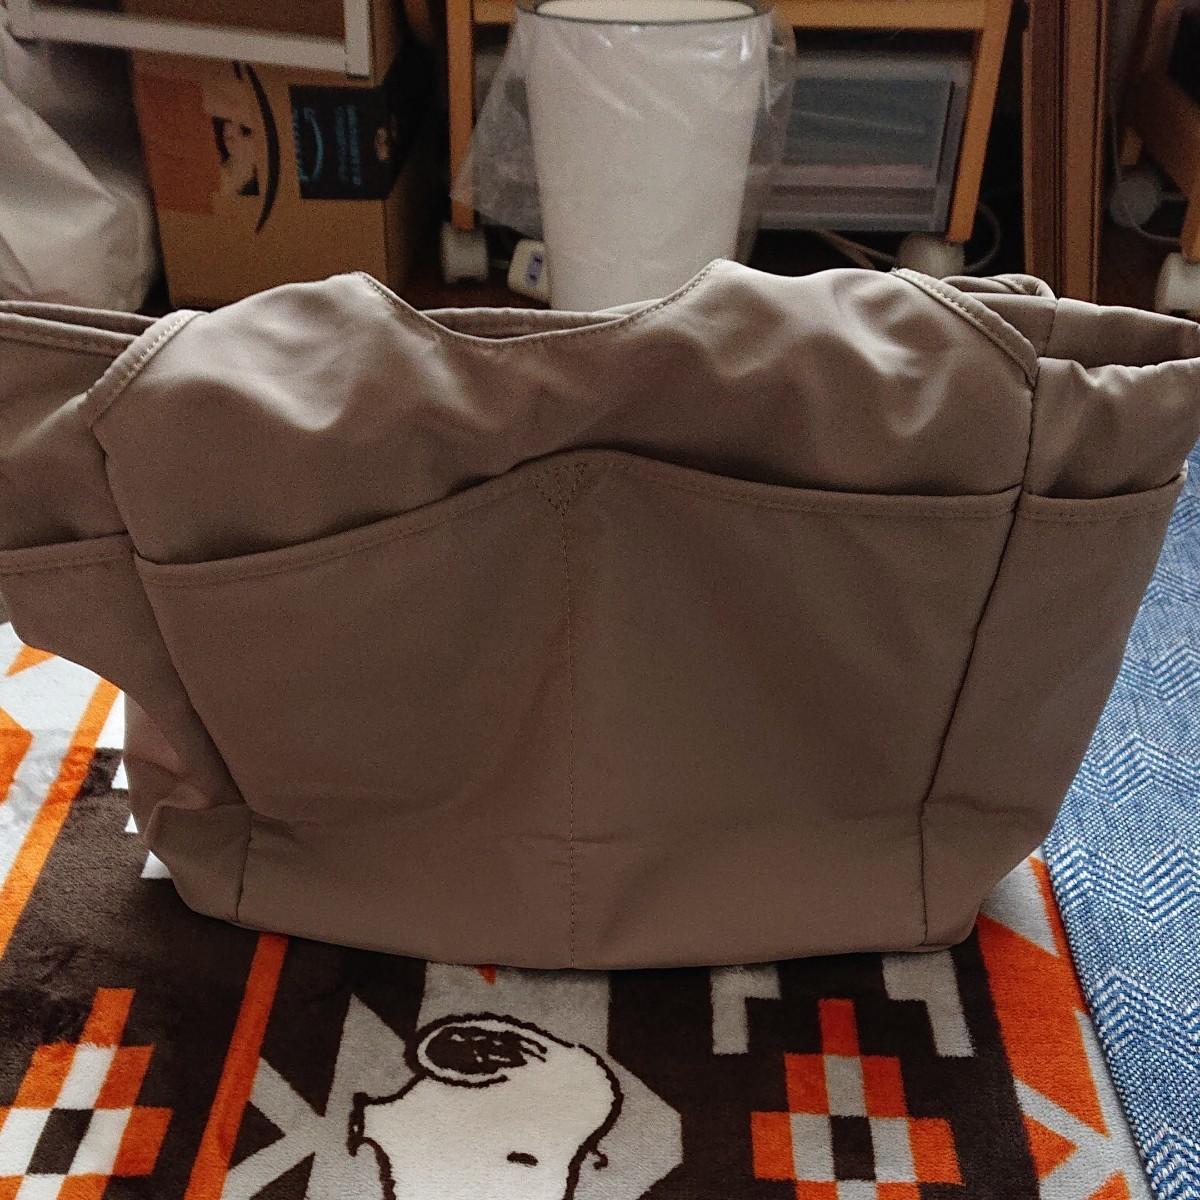 トートバッグ 大容量 レディース ママバッグ 仕事用 大きめ シンプル  肩掛け 手提げ ハンドバッグ A4 大容量